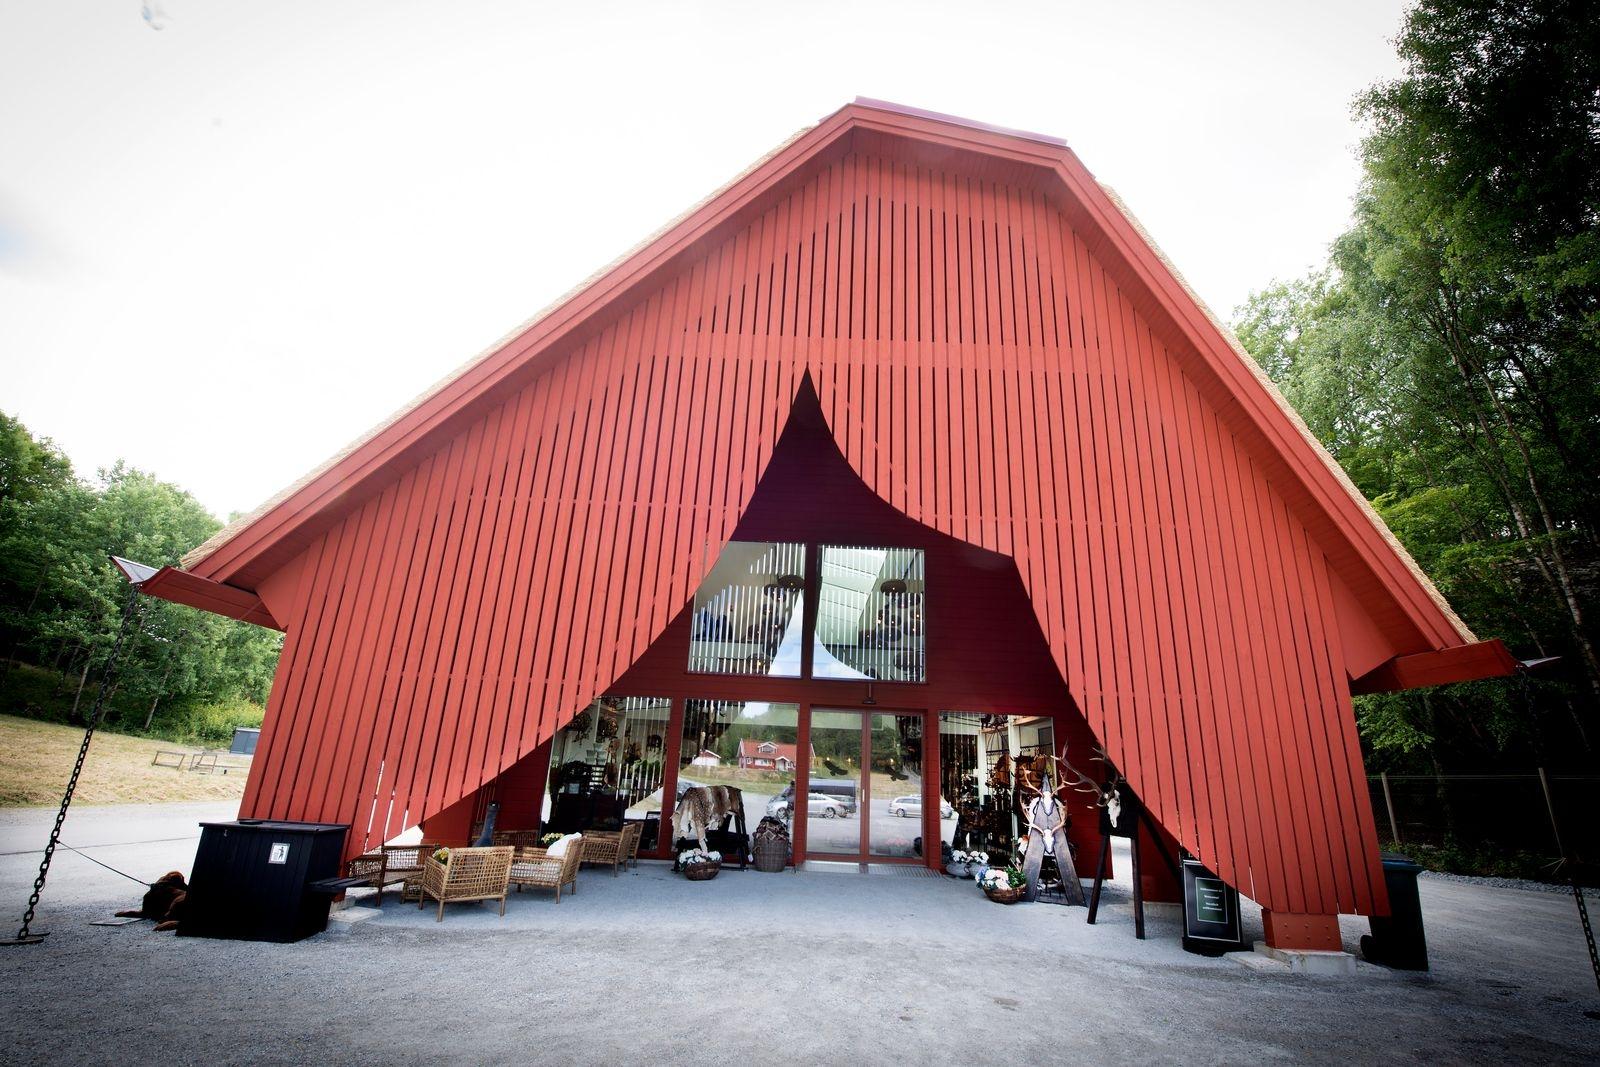 Trffpunkter fr ldre - Gteborgs Stad